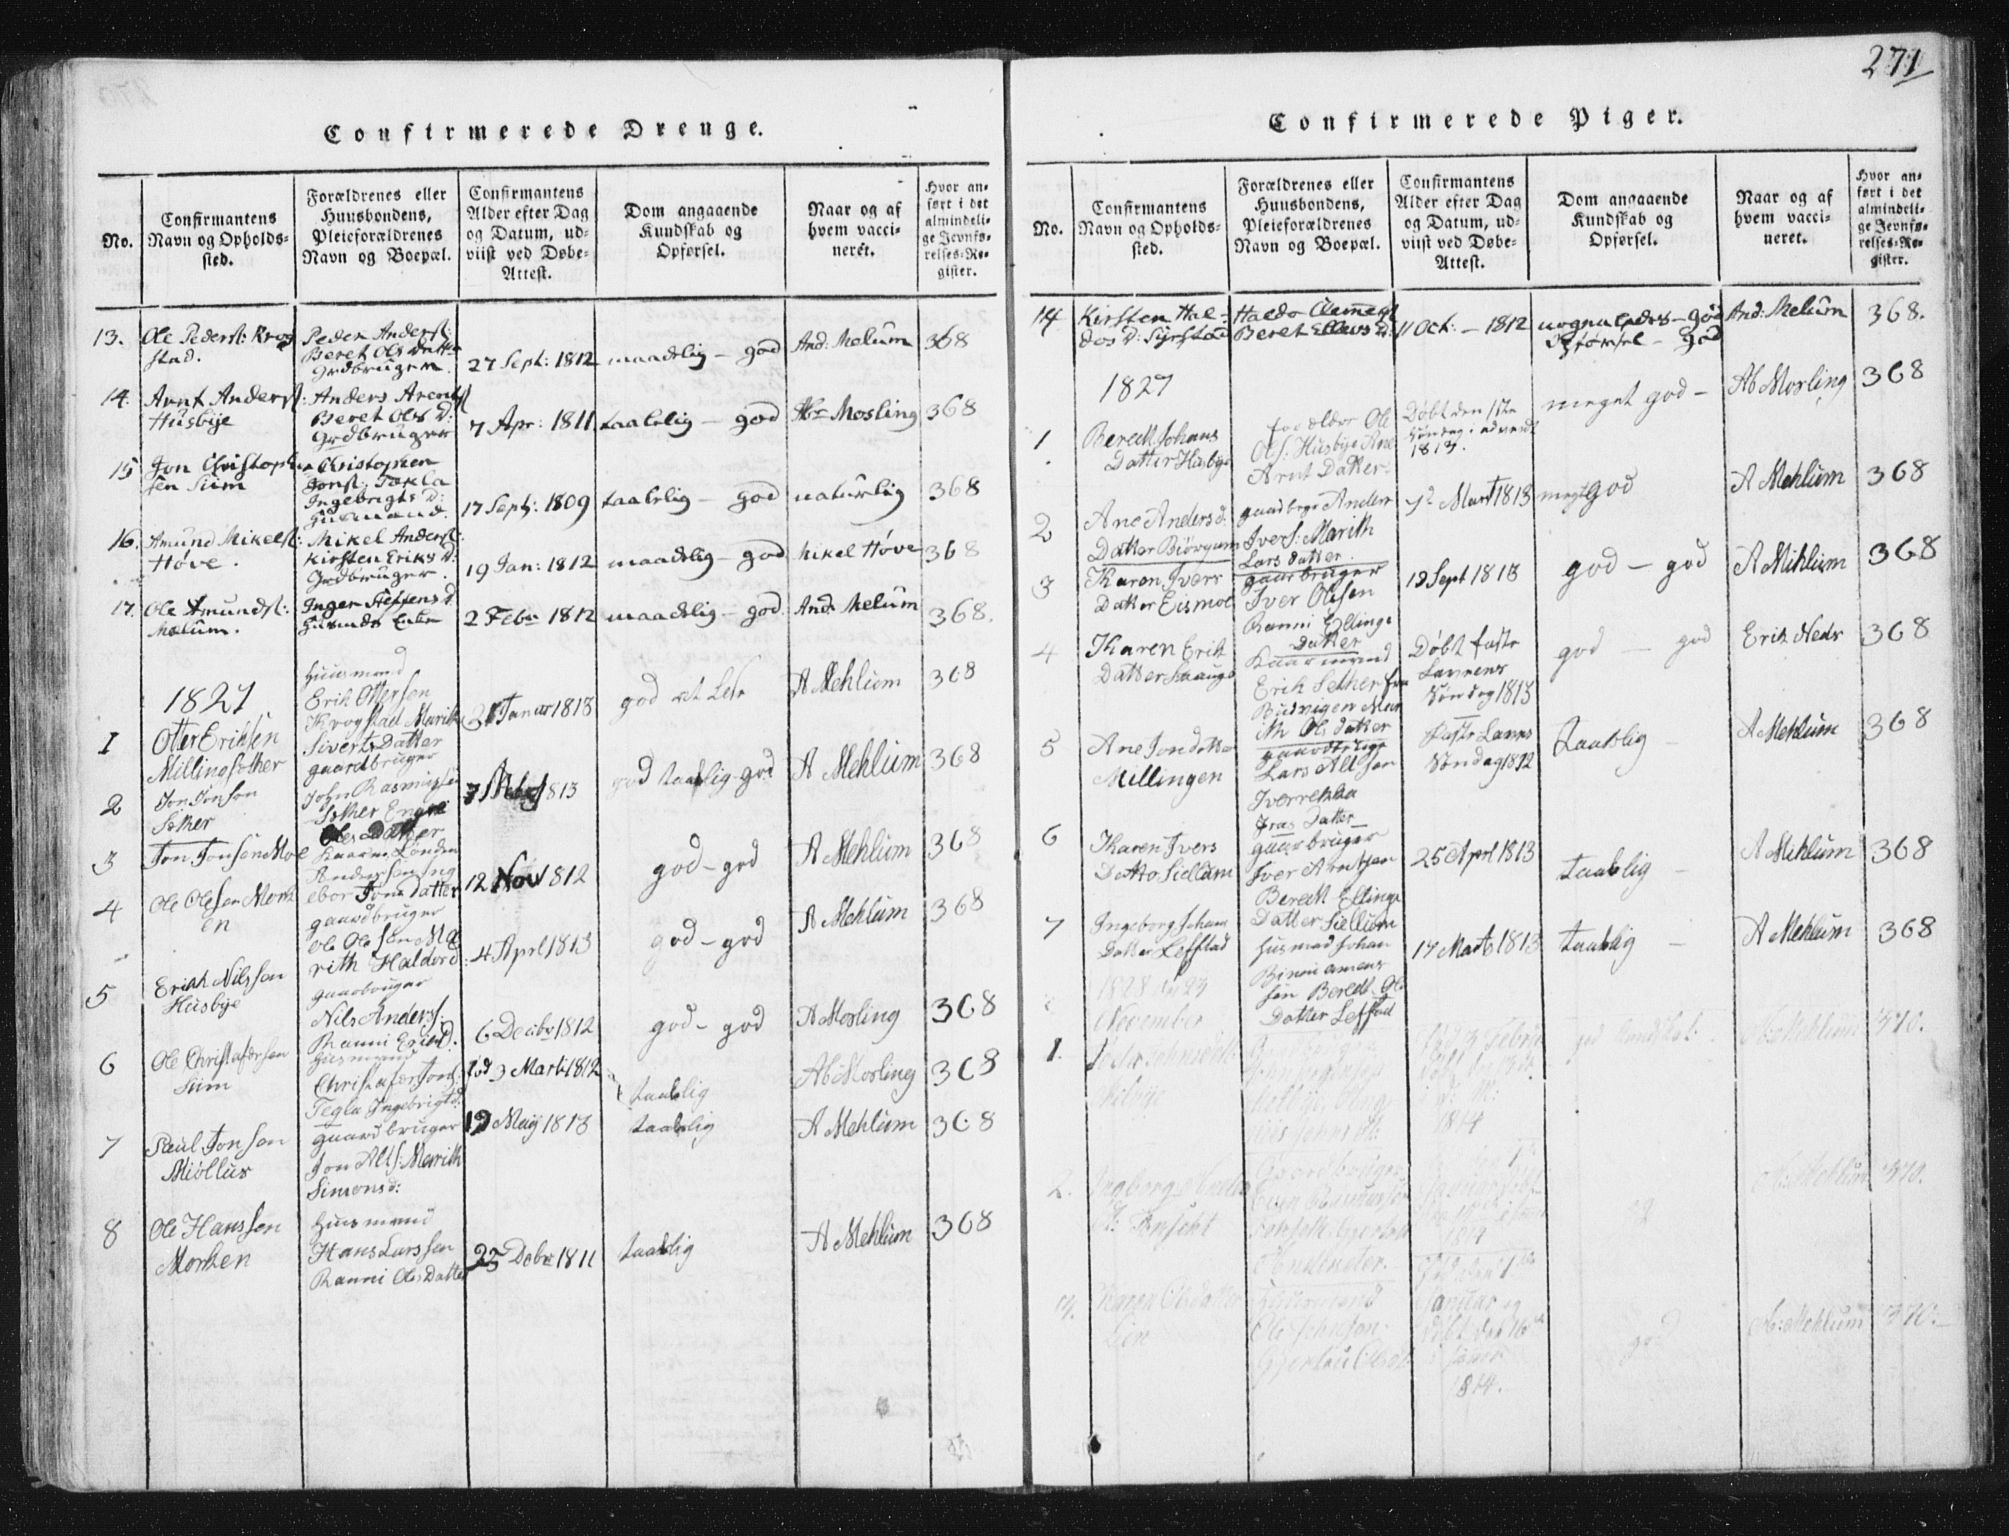 SAT, Ministerialprotokoller, klokkerbøker og fødselsregistre - Sør-Trøndelag, 665/L0770: Ministerialbok nr. 665A05, 1817-1829, s. 271